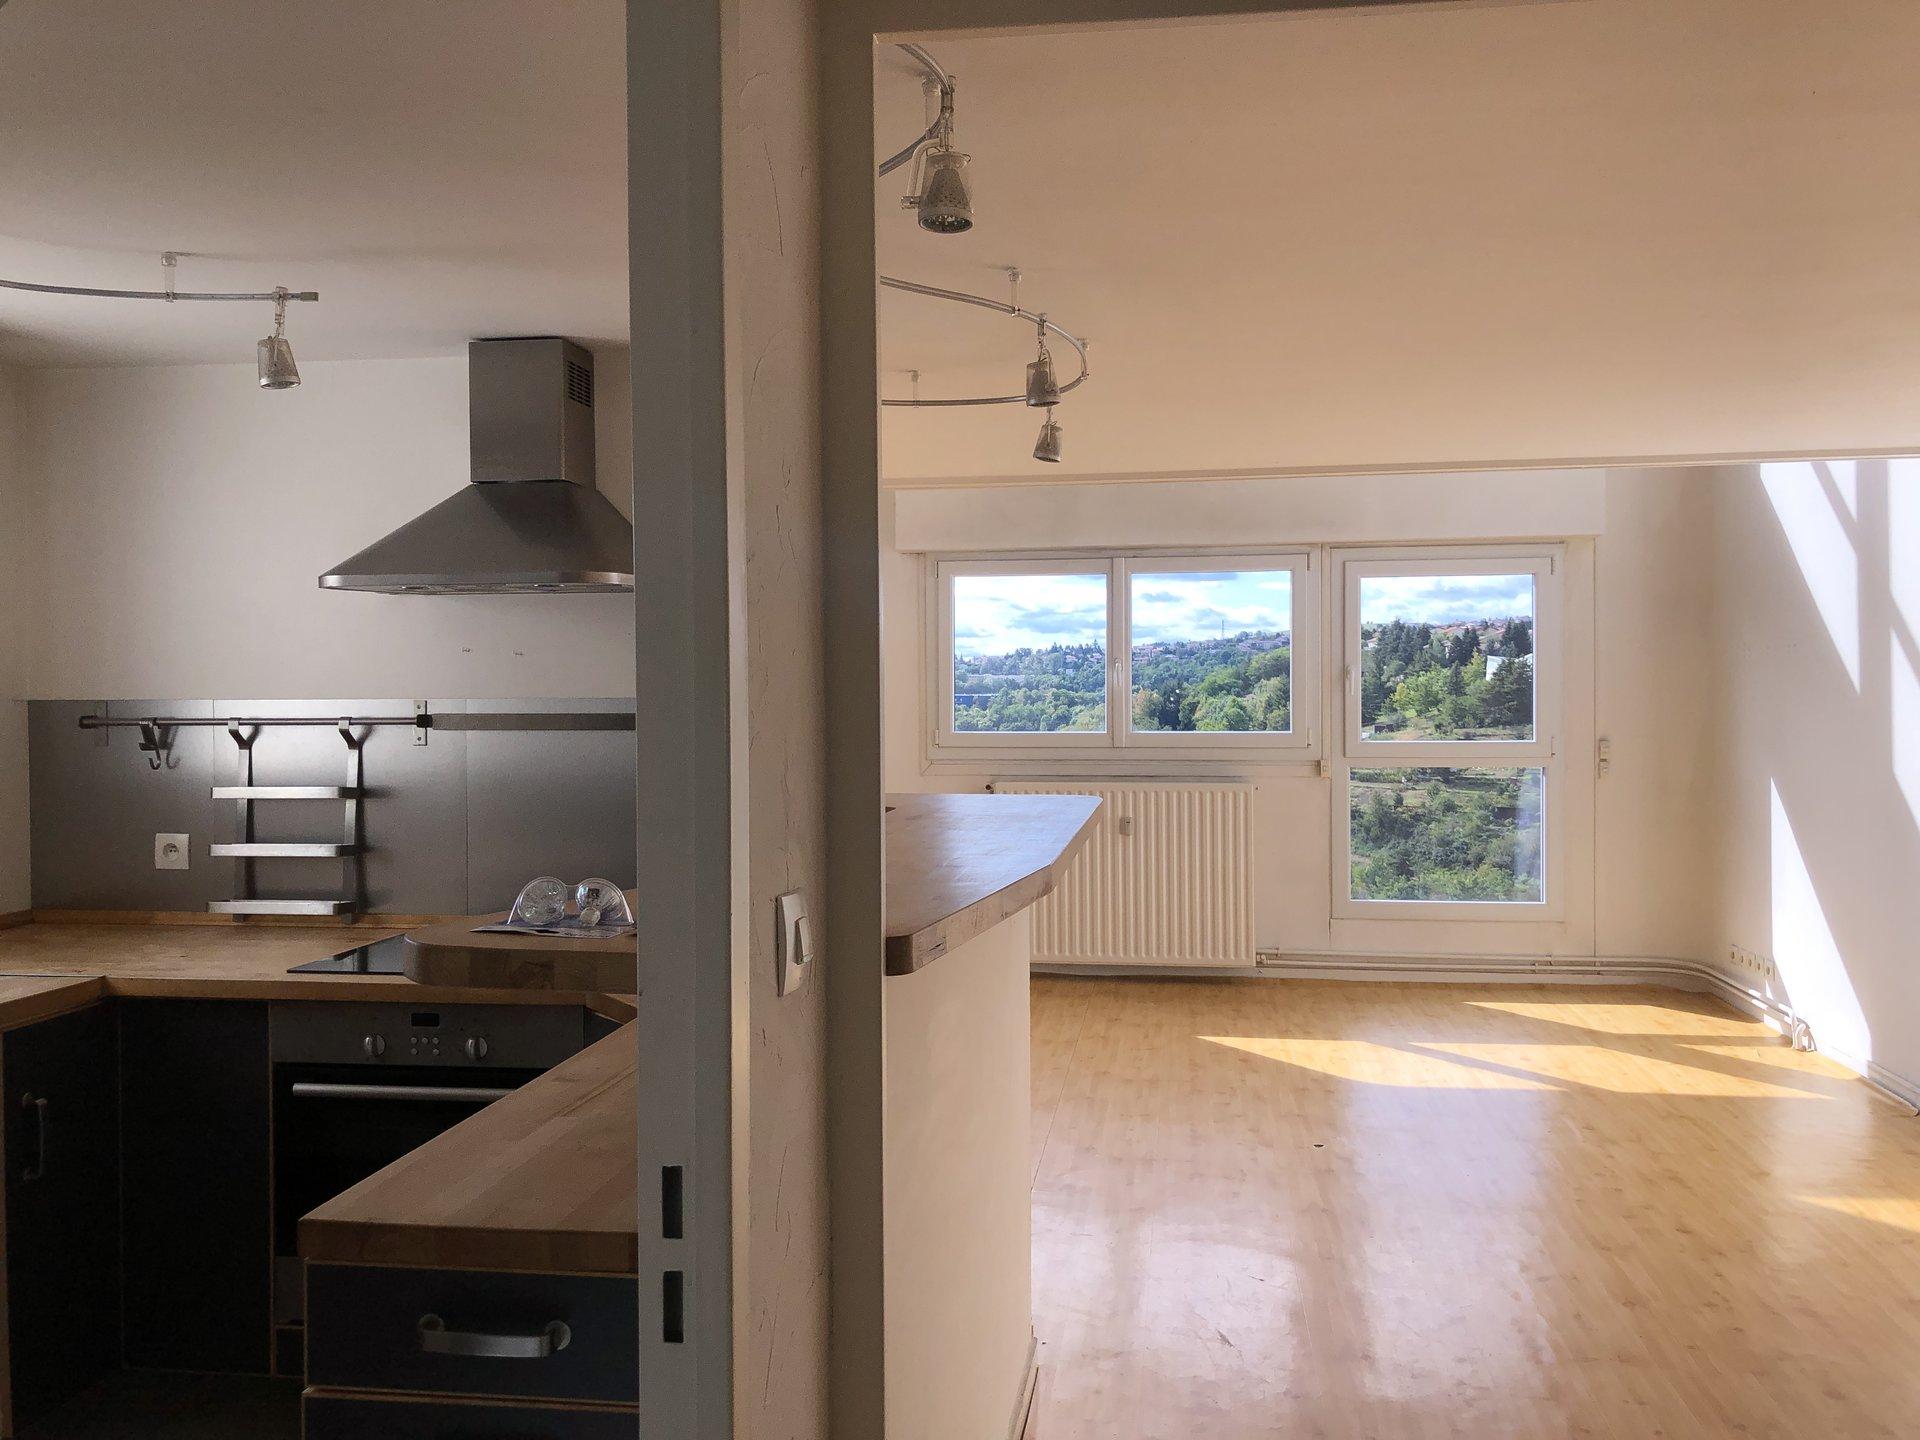 SAINT ETIENNE SUD - Appartement duplex 3 pièces 71 m² avec garage